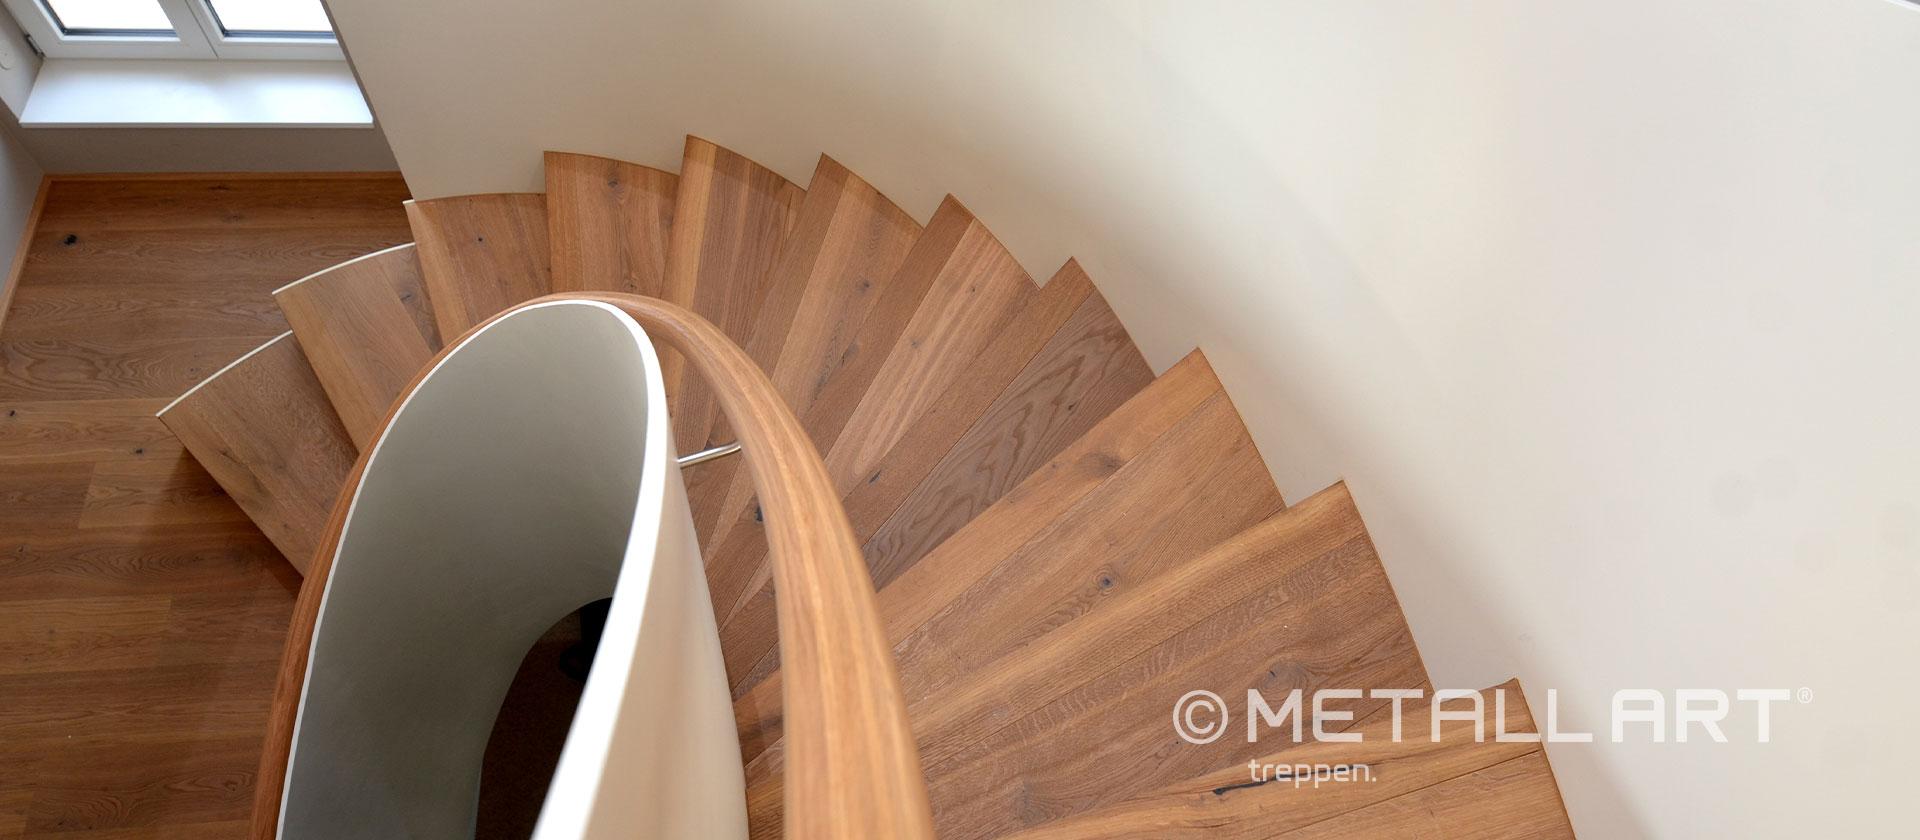 Treppe mit Holz Akzenten und Stufen